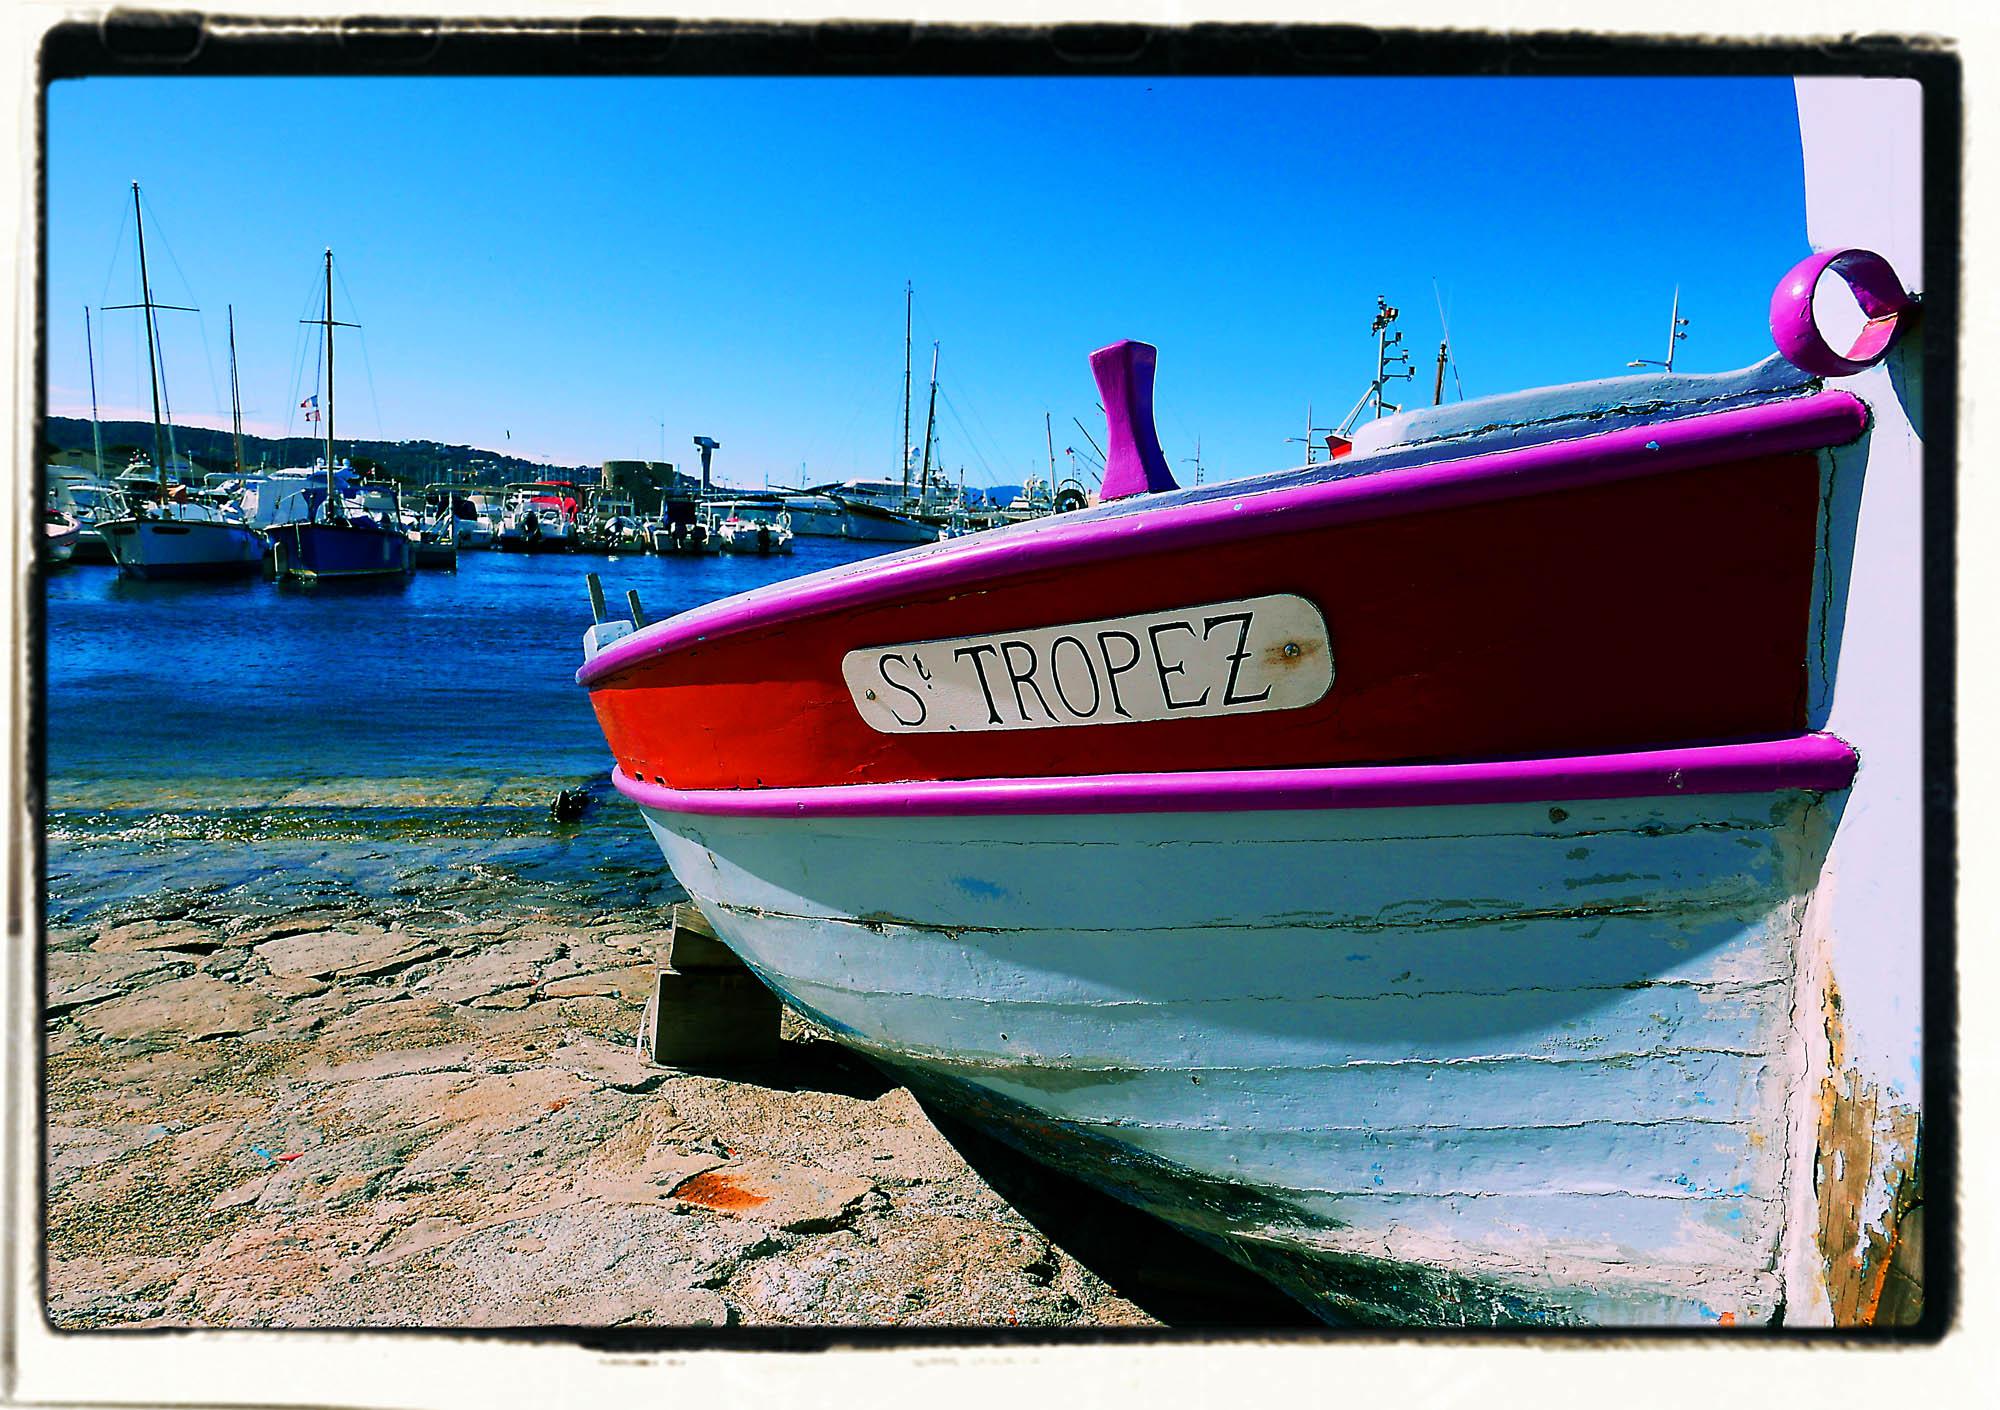 Saint Tropez, Costa Azzurra